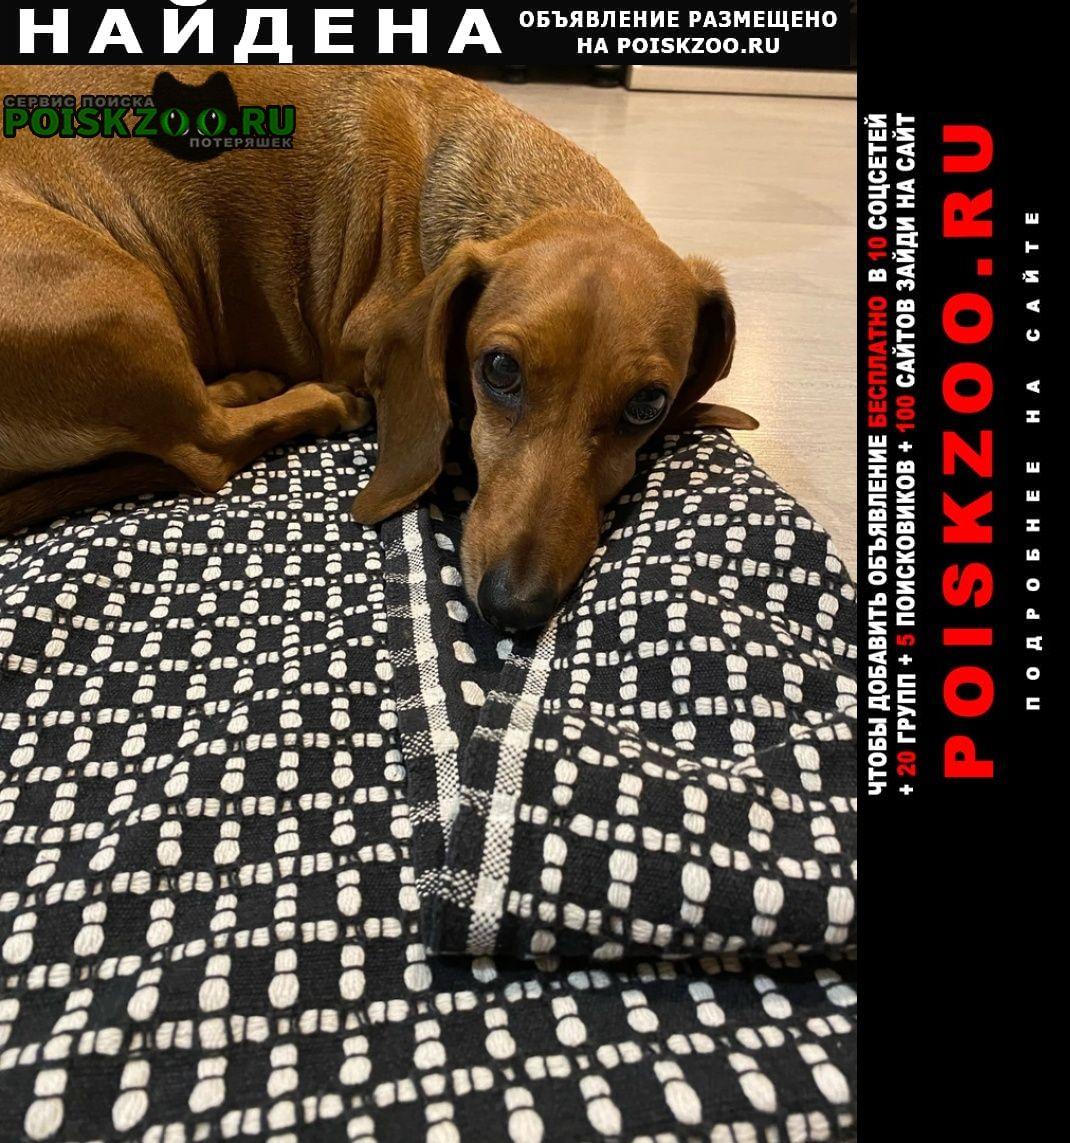 Найдена собака светло-коричневая такса Бердск